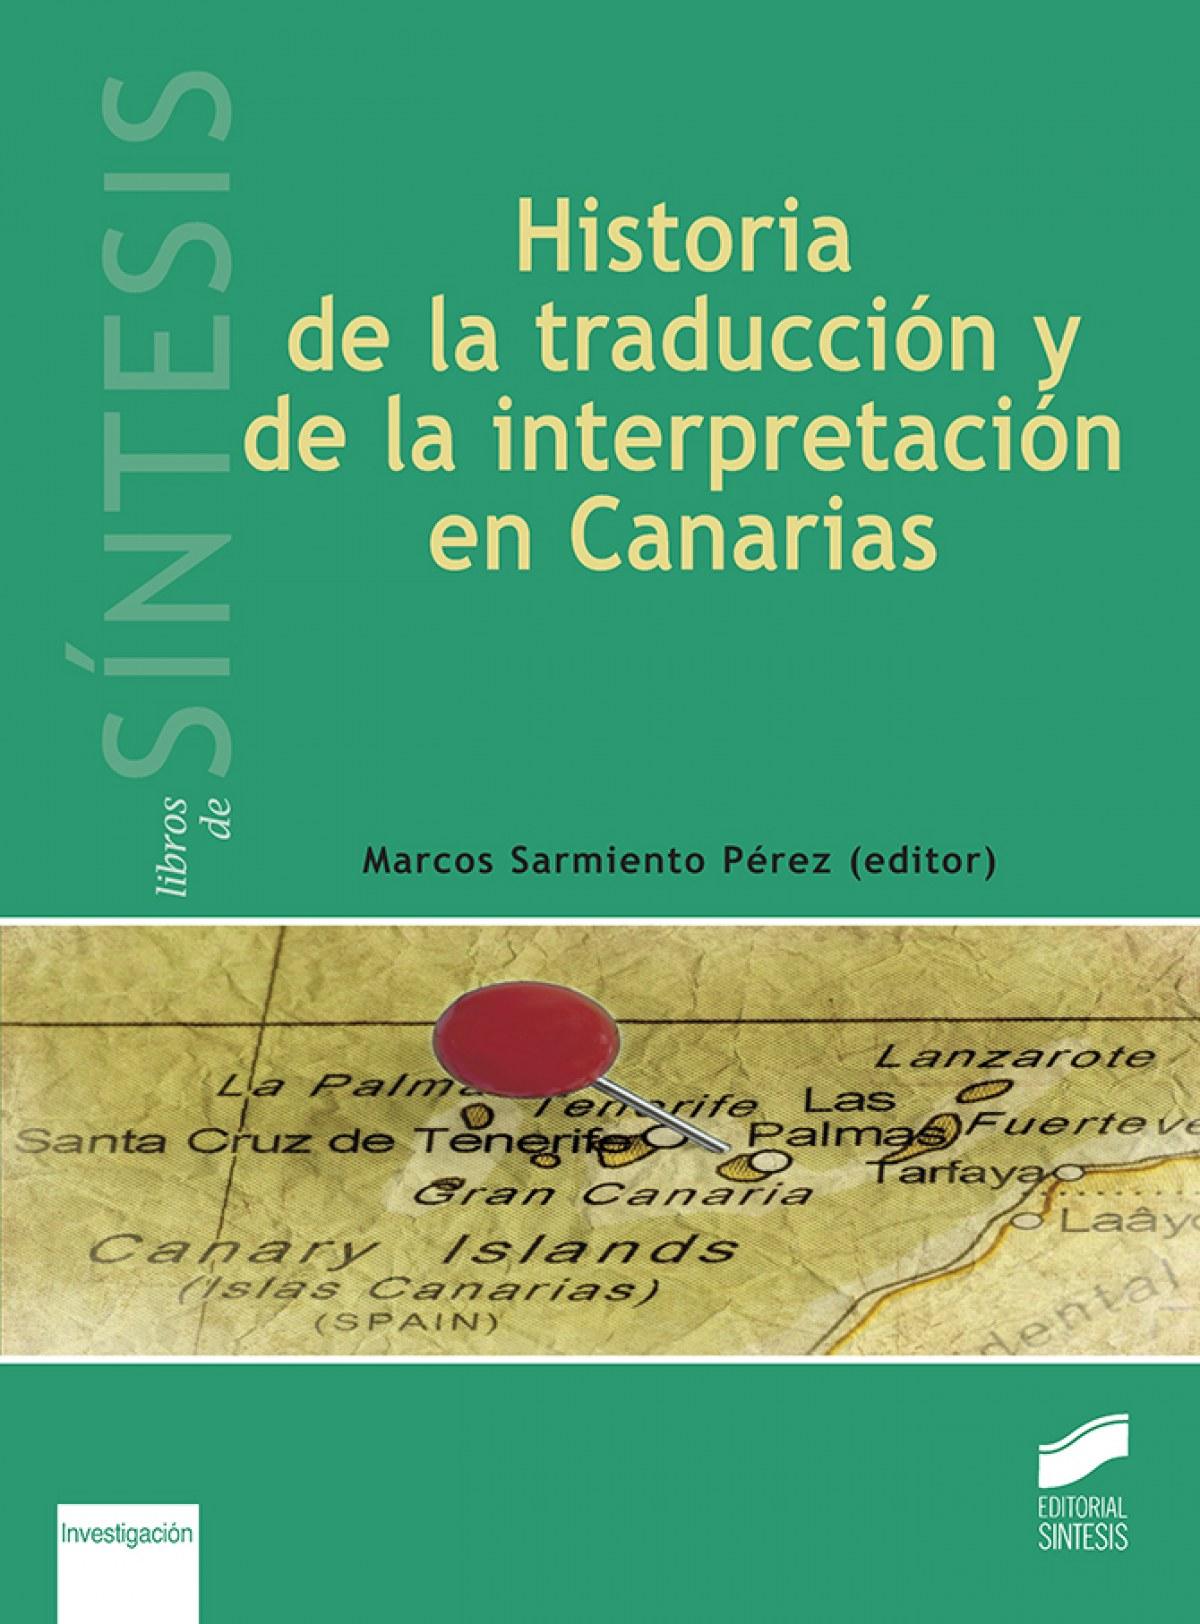 HISTORIA LA TRADUCCION Y LA INTERPRETACION EN CANARIAS